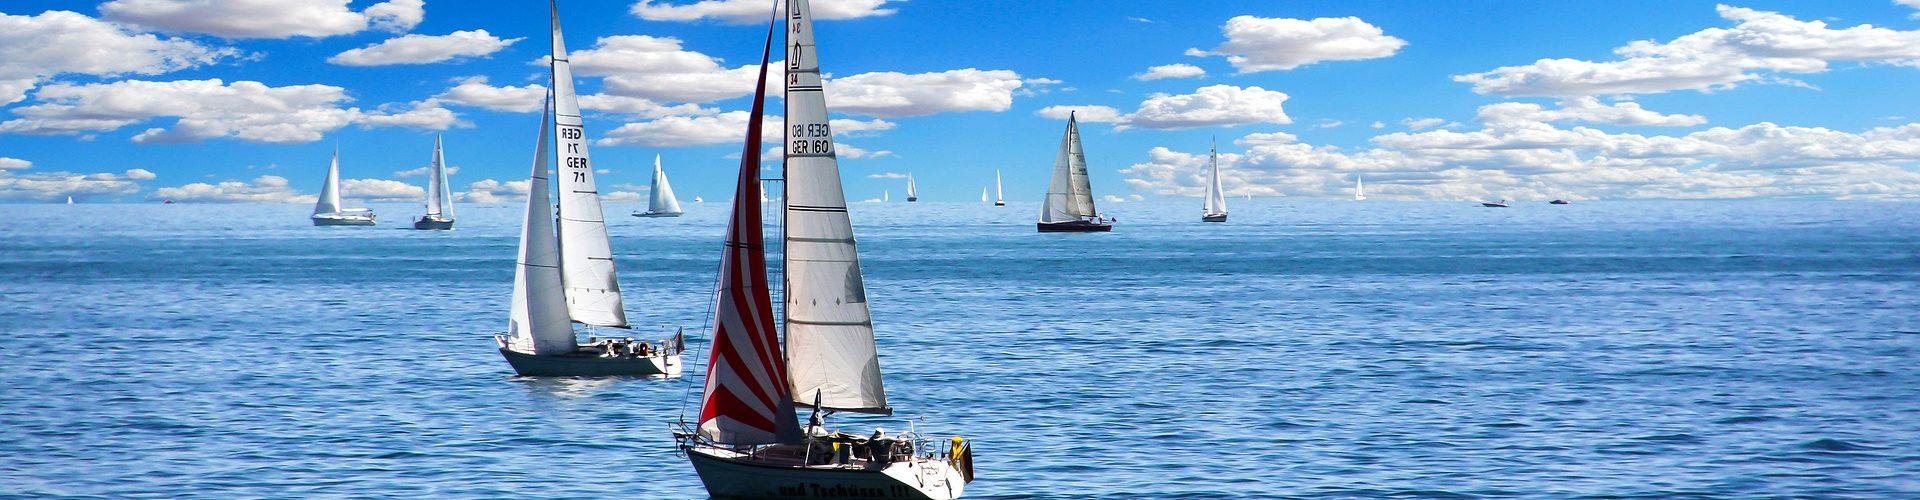 segeln lernen in Grönwohld segelschein machen in Grönwohld 1920x500 - Segeln lernen in Grönwohld